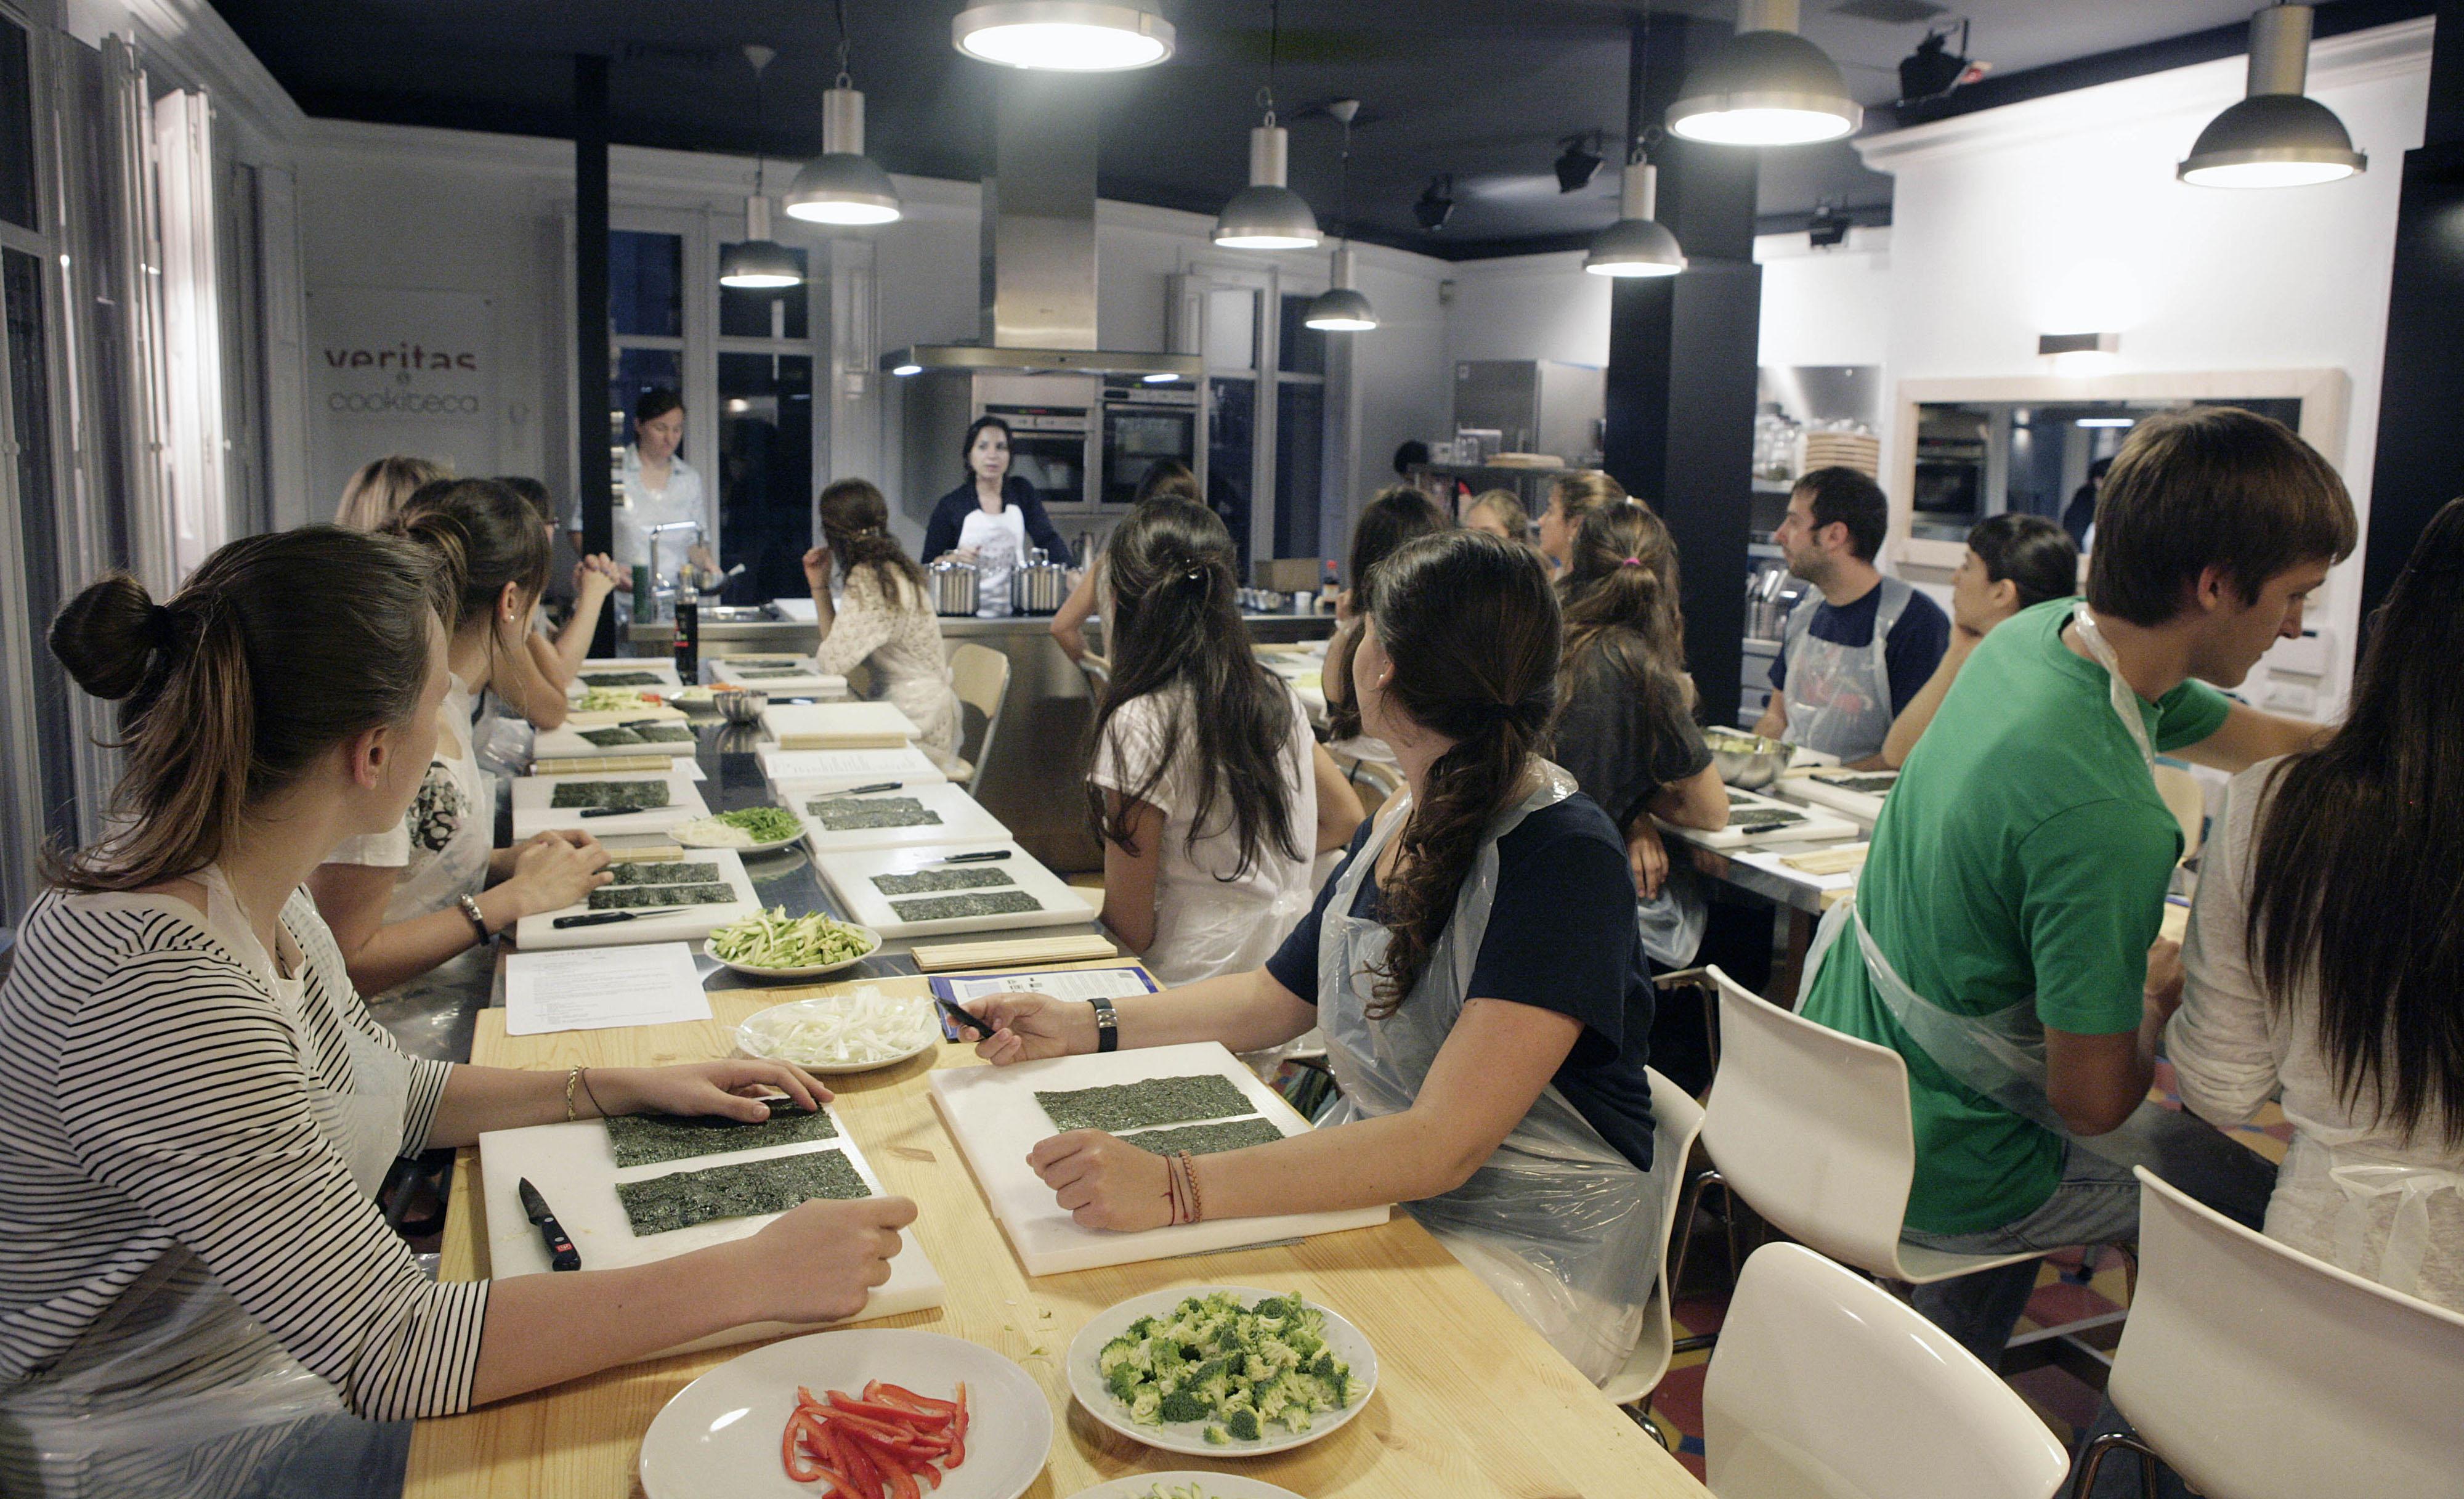 Clases Cocina Barcelona | Taller De Cocina Barcelona Idea De La Imagen De Inicio